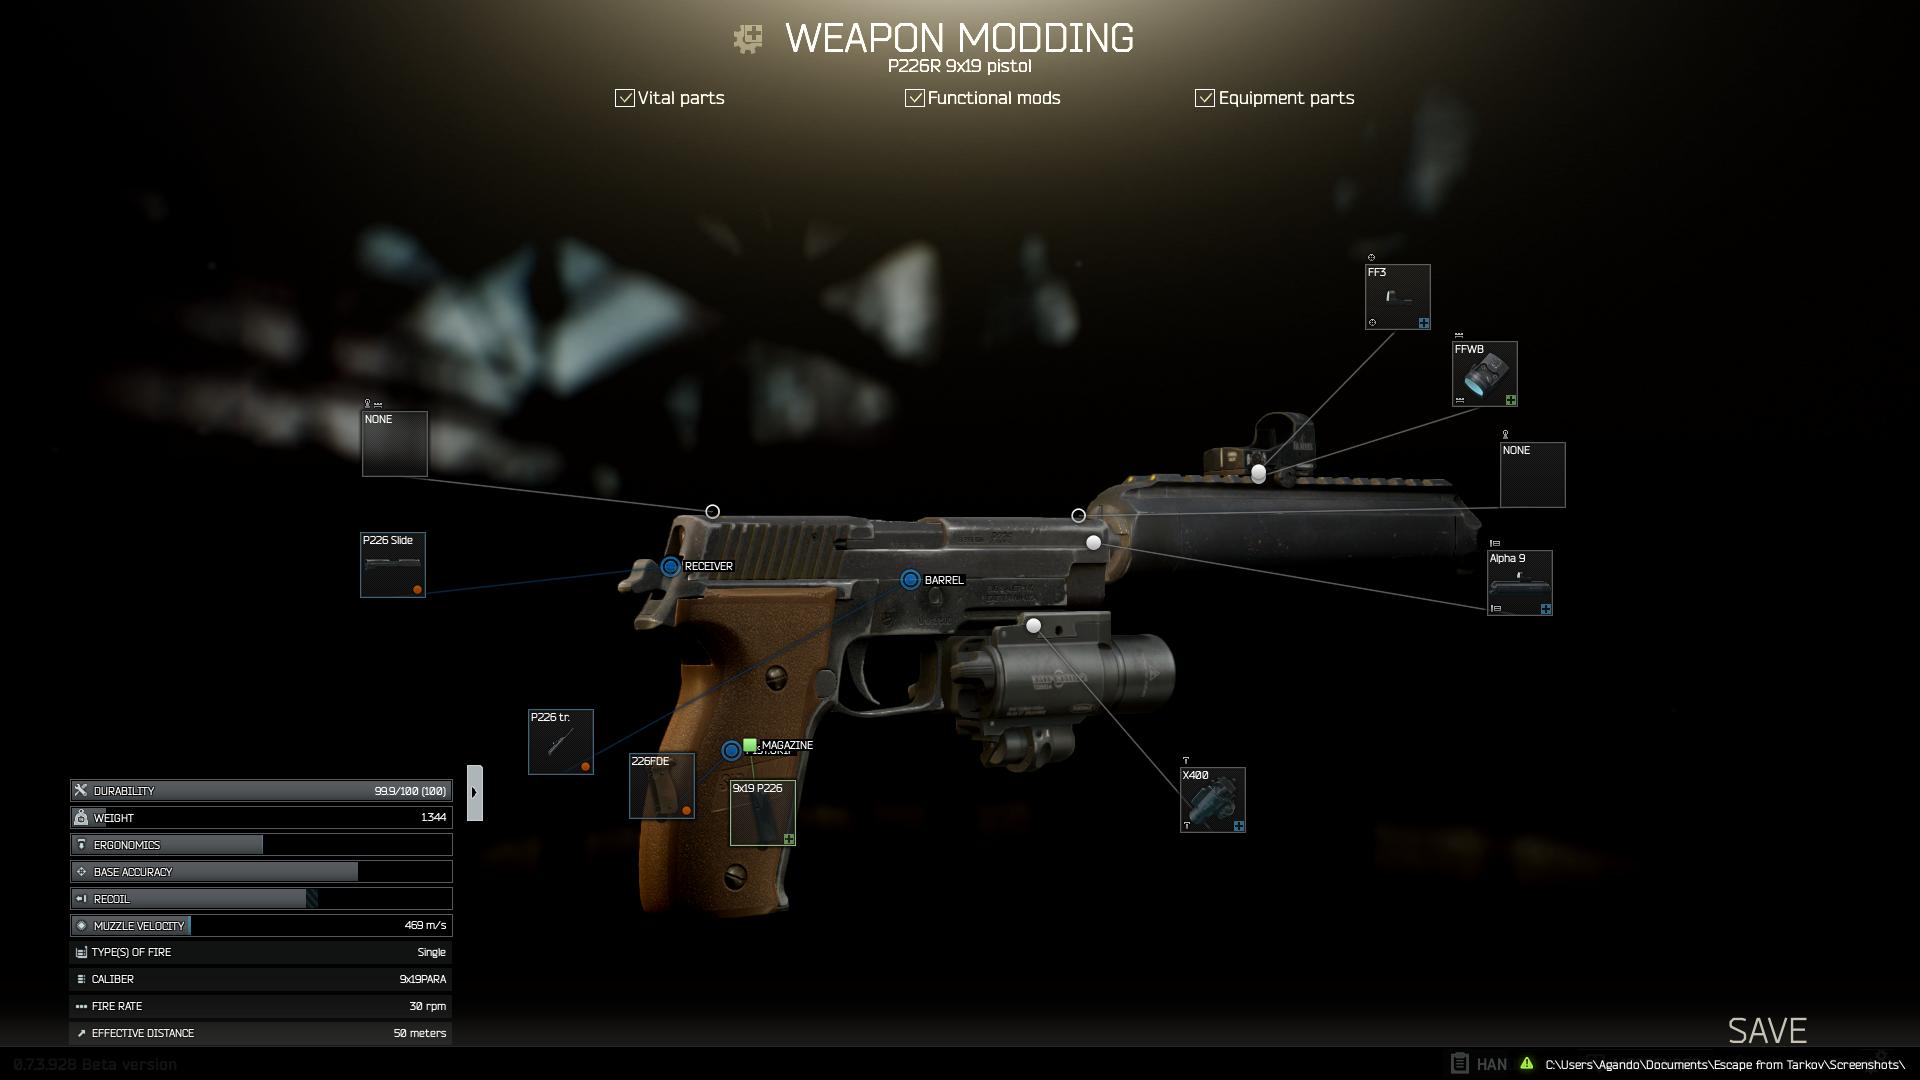 P226R Modding